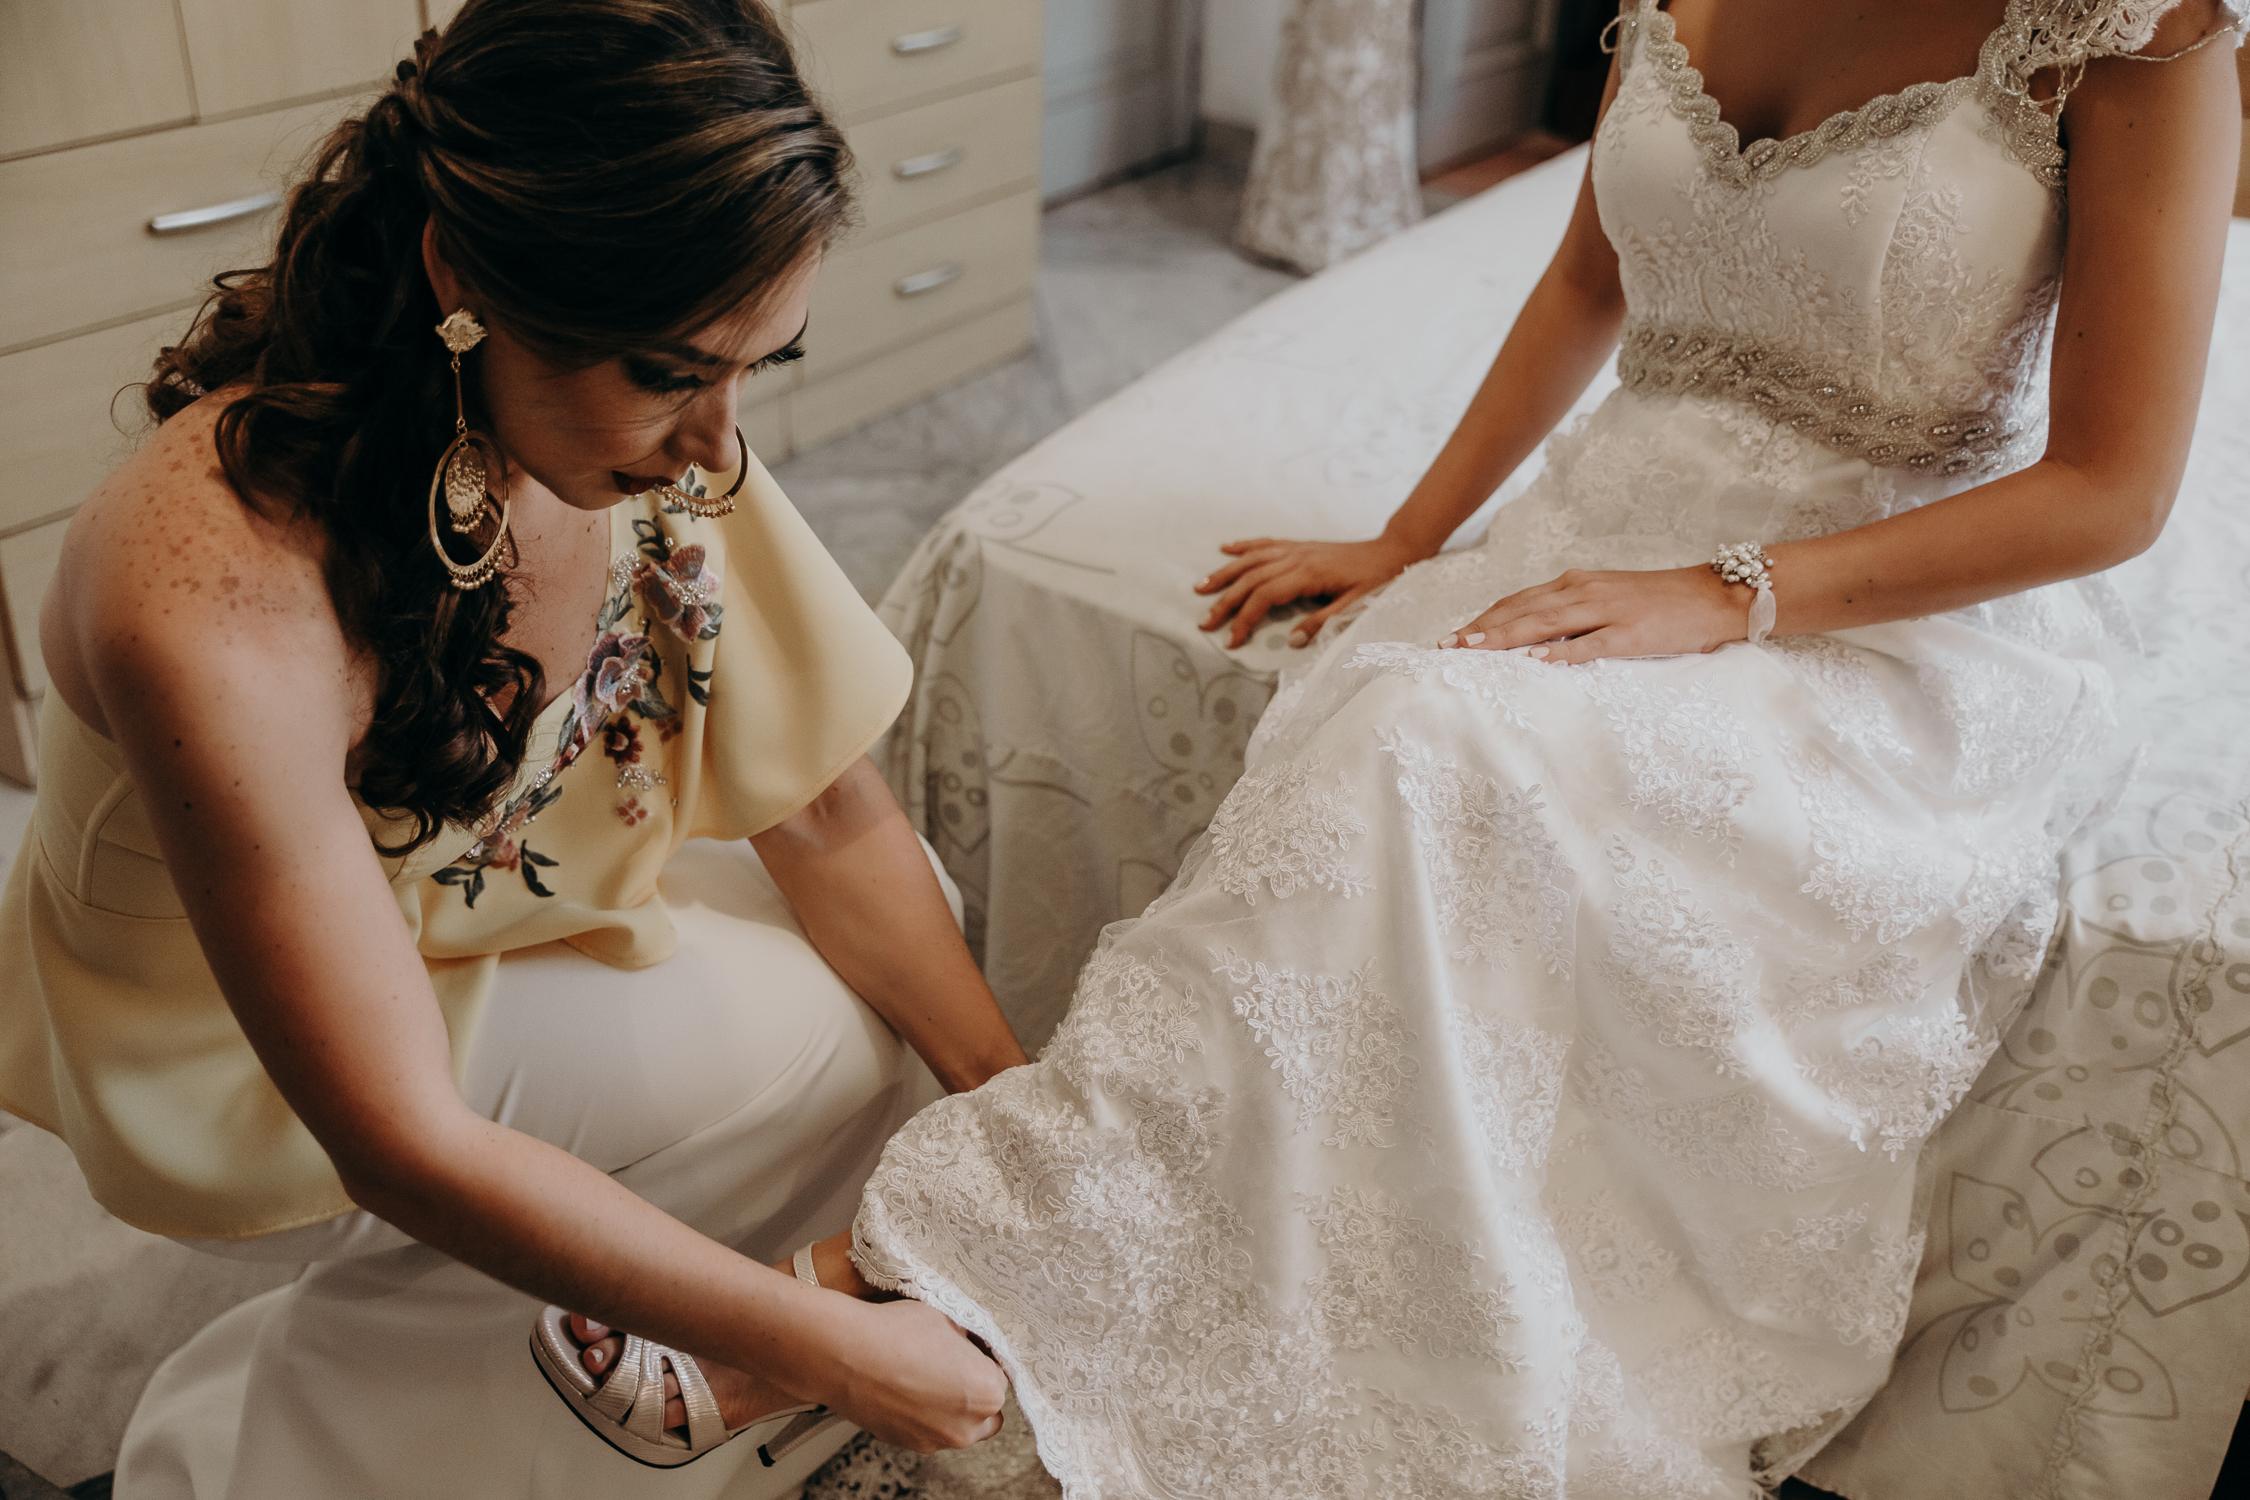 Michelle-Agurto-Fotografia-Bodas-Ecuador-Destination-Wedding-Photographer-Cristi-Luis-24.JPG